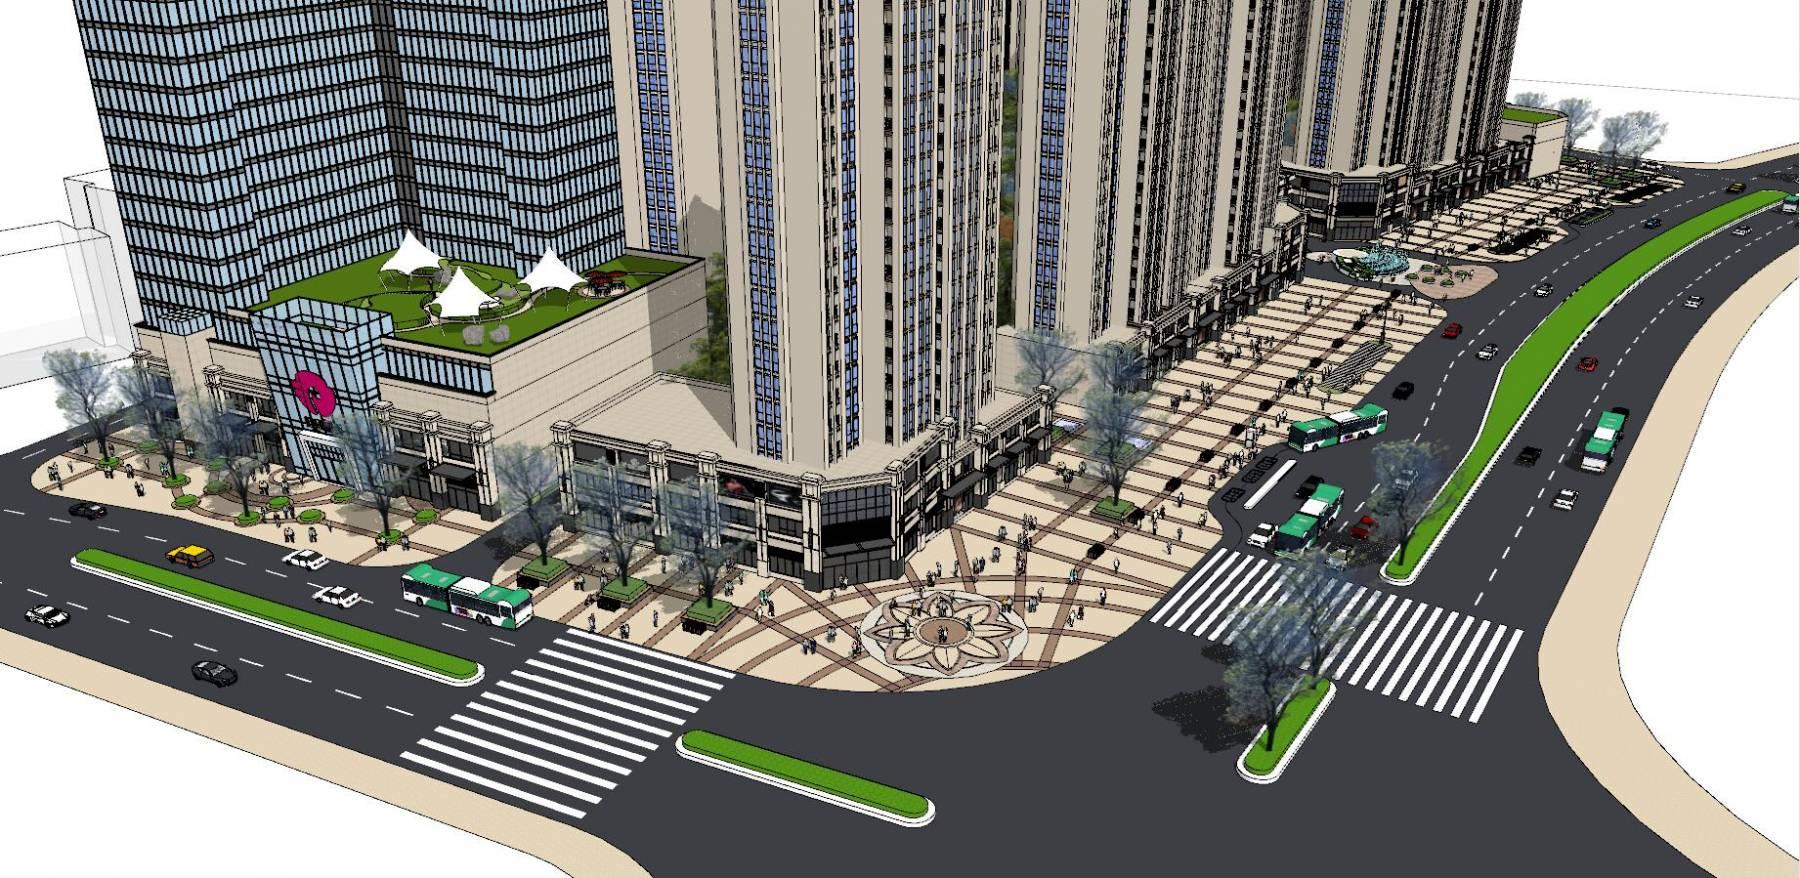 artdeco小區帶臨街商業鋪面建筑居住模型